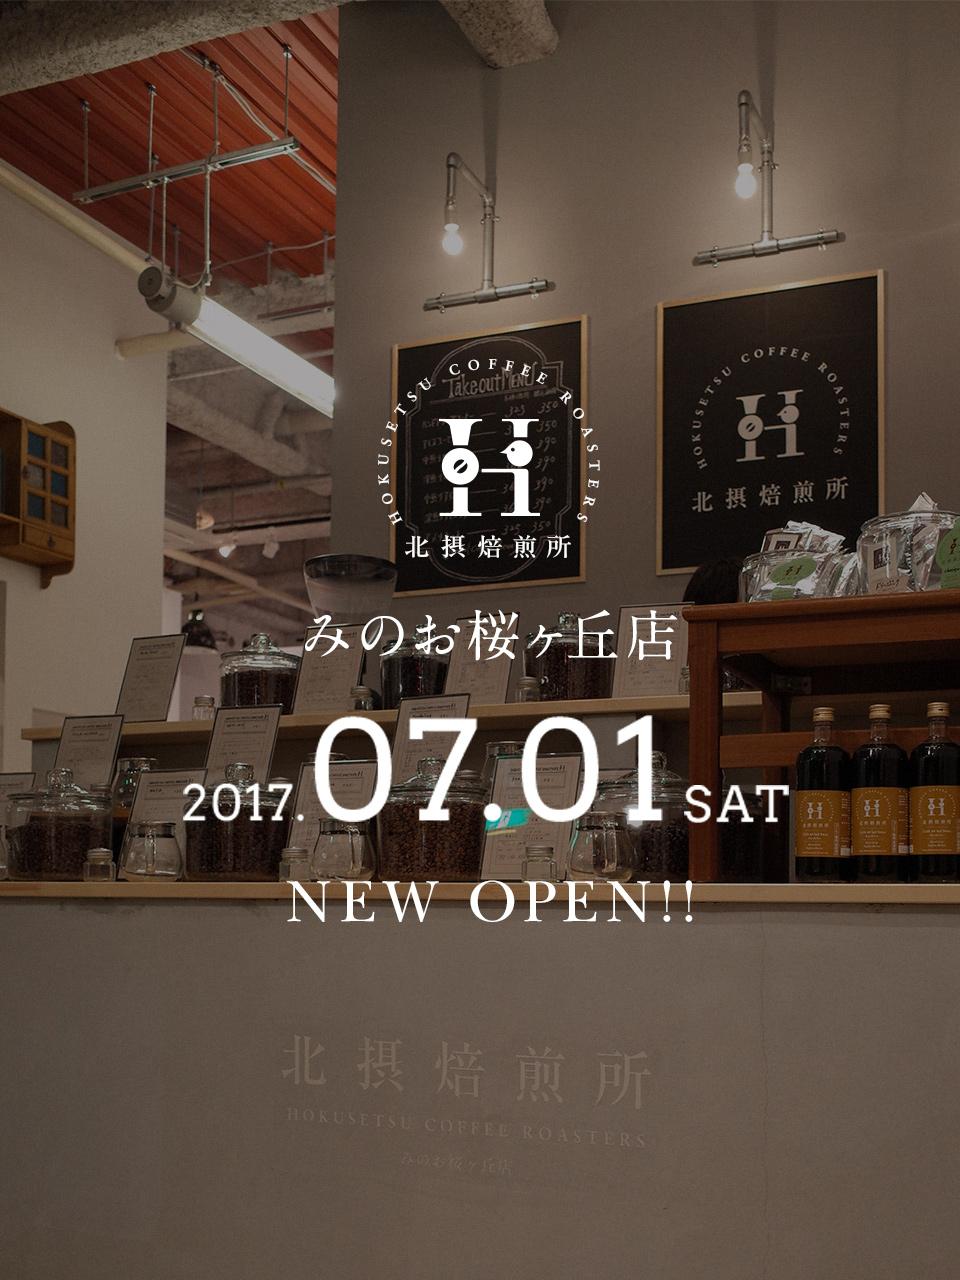 北摂焙煎所 みのお桜ヶ丘店 NEW OPEN !!